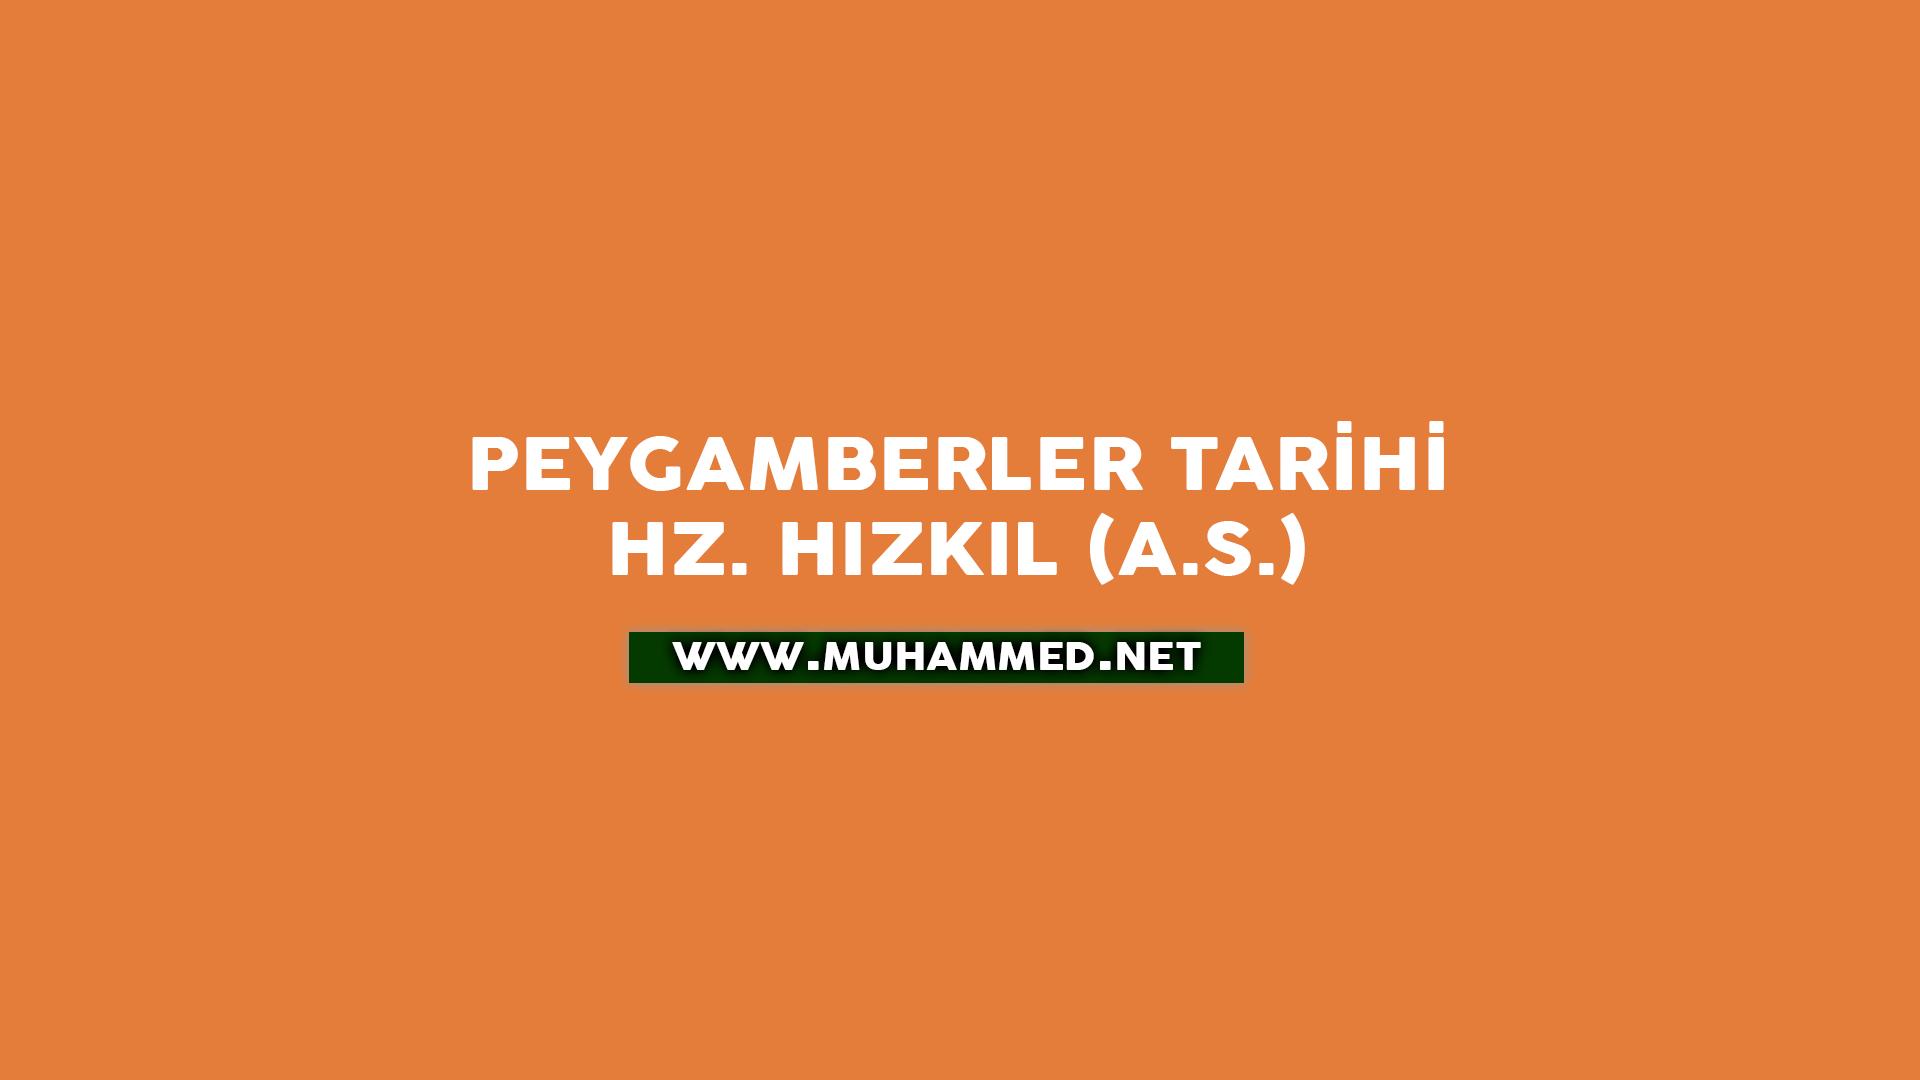 Hz. Hızkıl (a.s.)